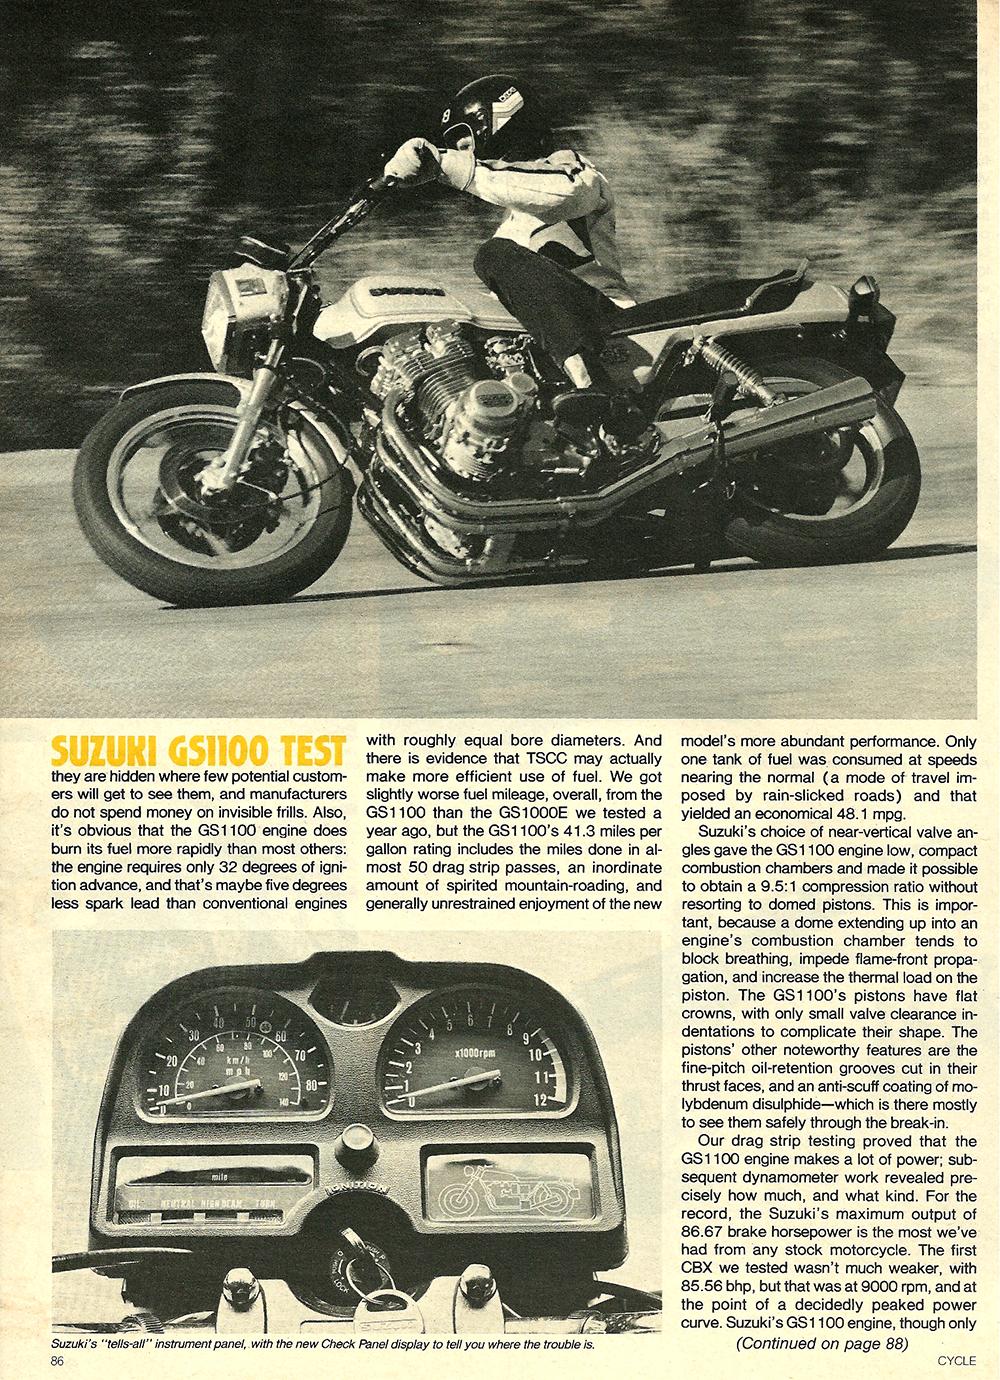 1980 Suzuki GS1100 ET road test 07.jpg